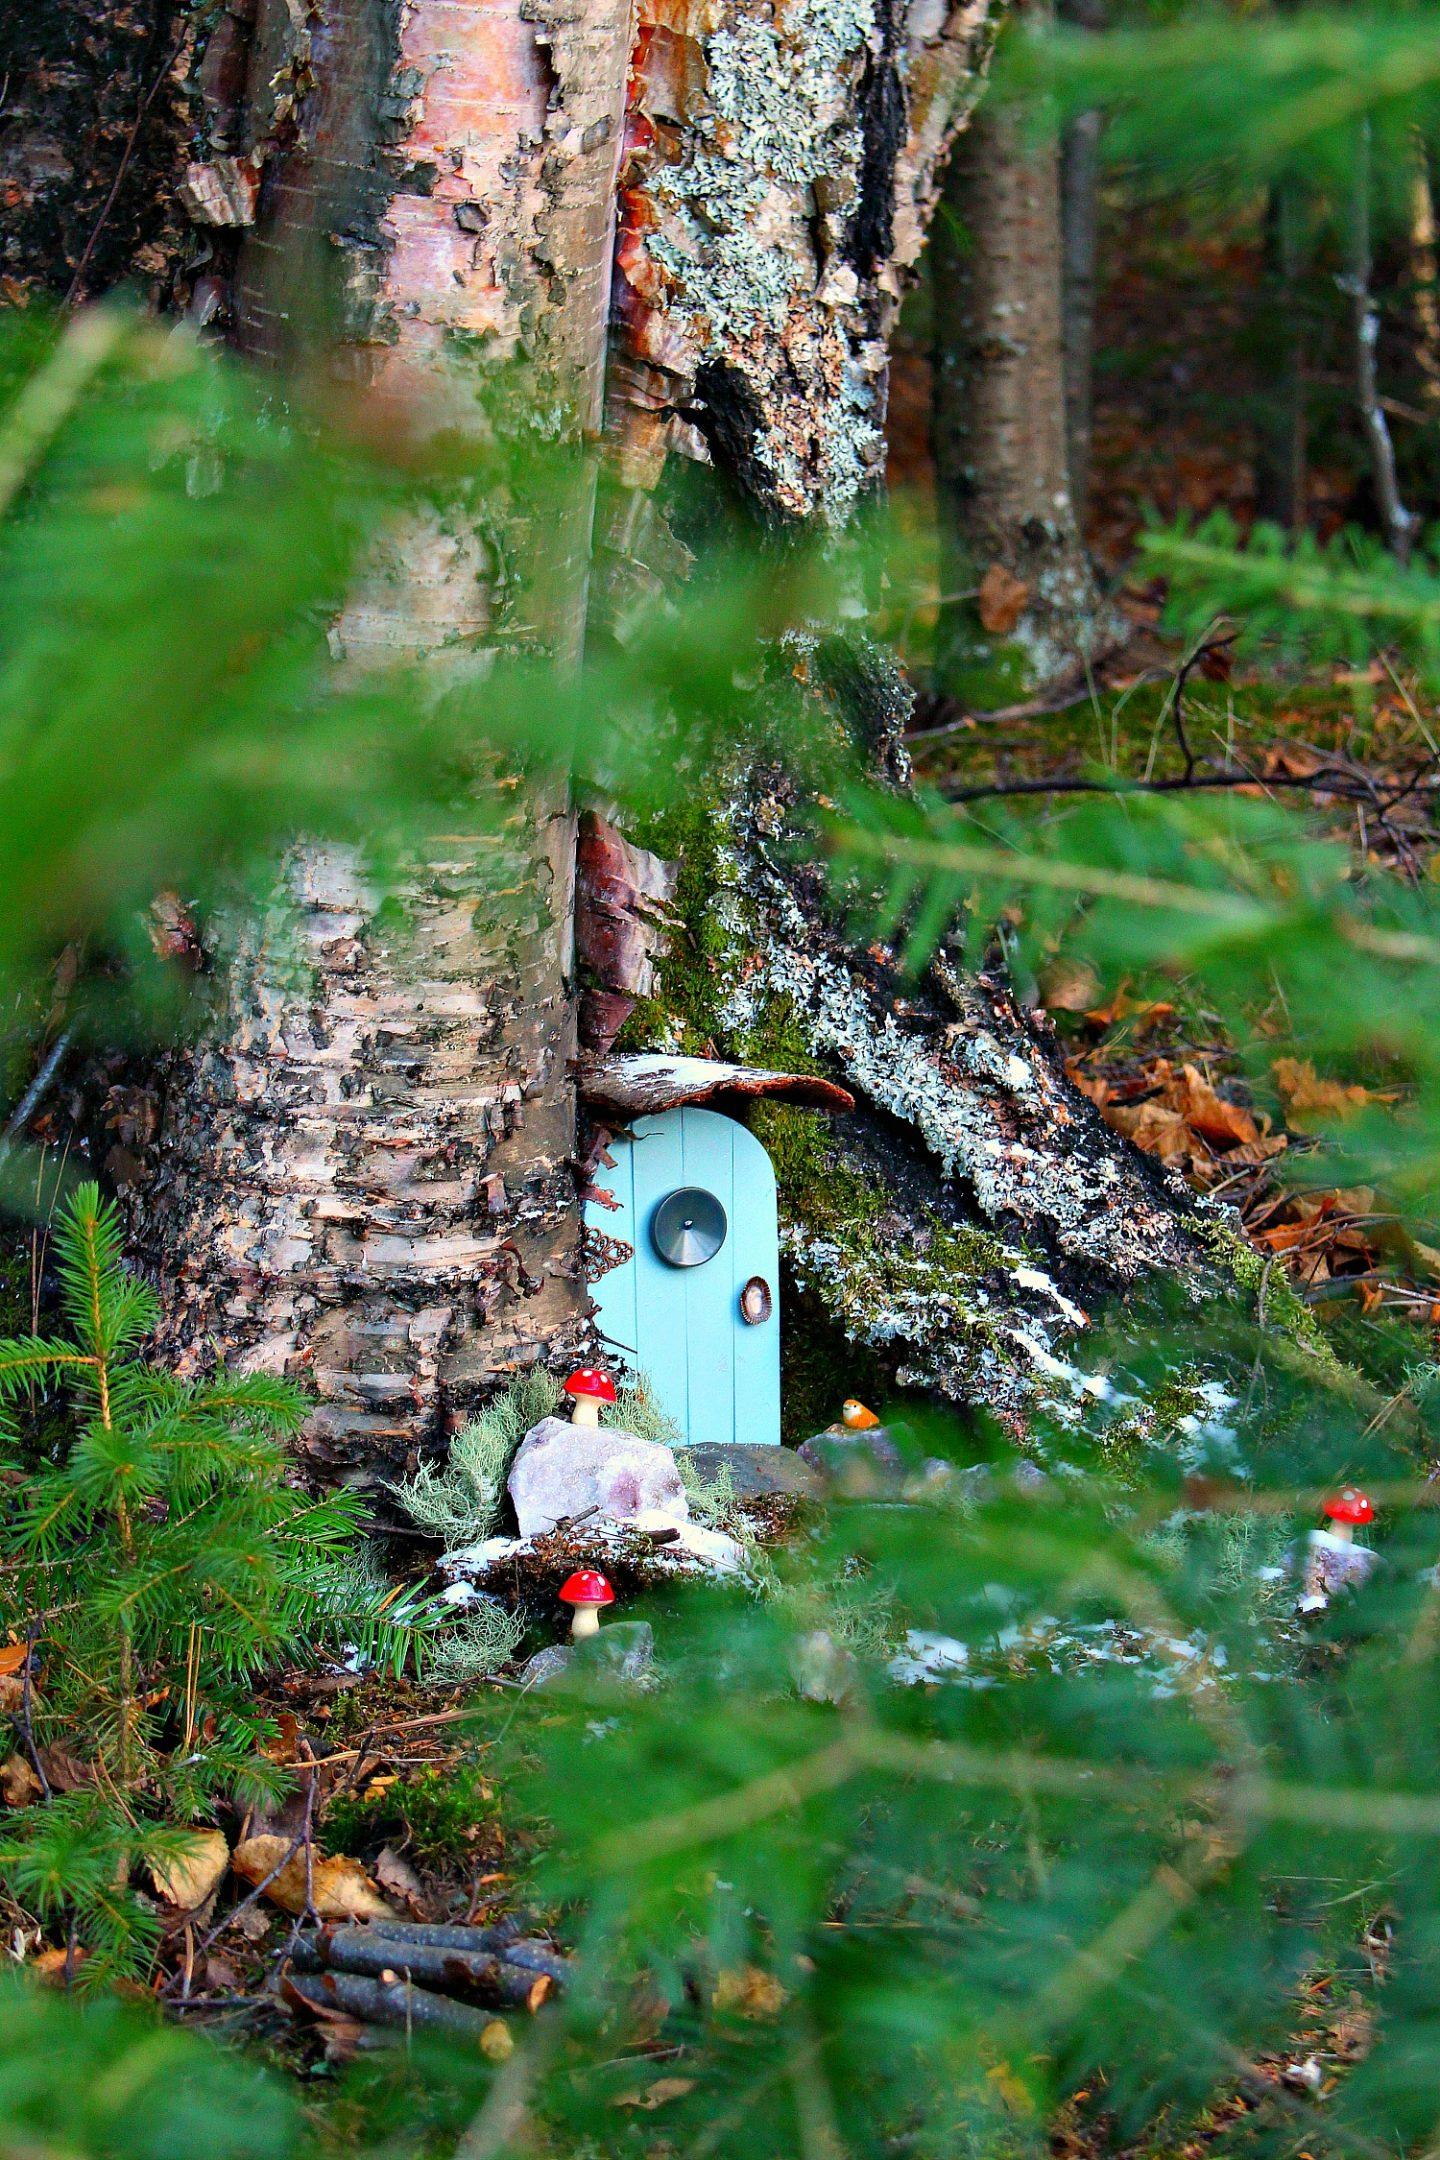 DIY Fairy Door in a Tree